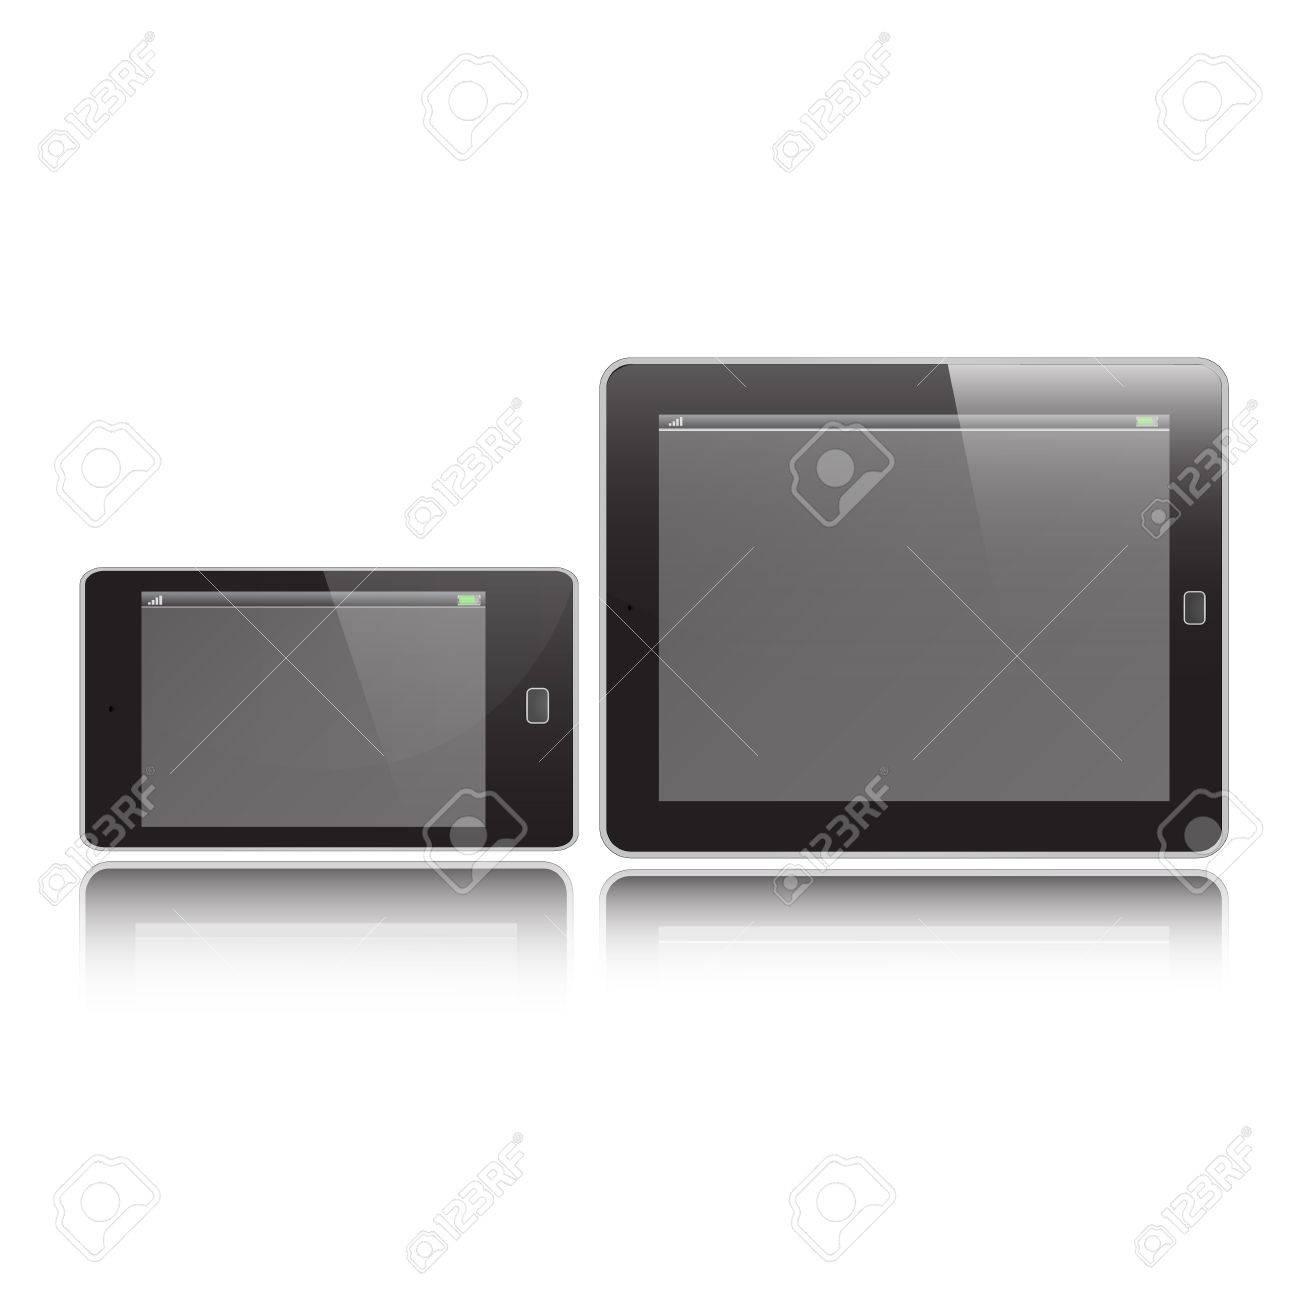 ็Horizontal Tablet and Mobile graphic vector eps10 Stock Vector - 18496156